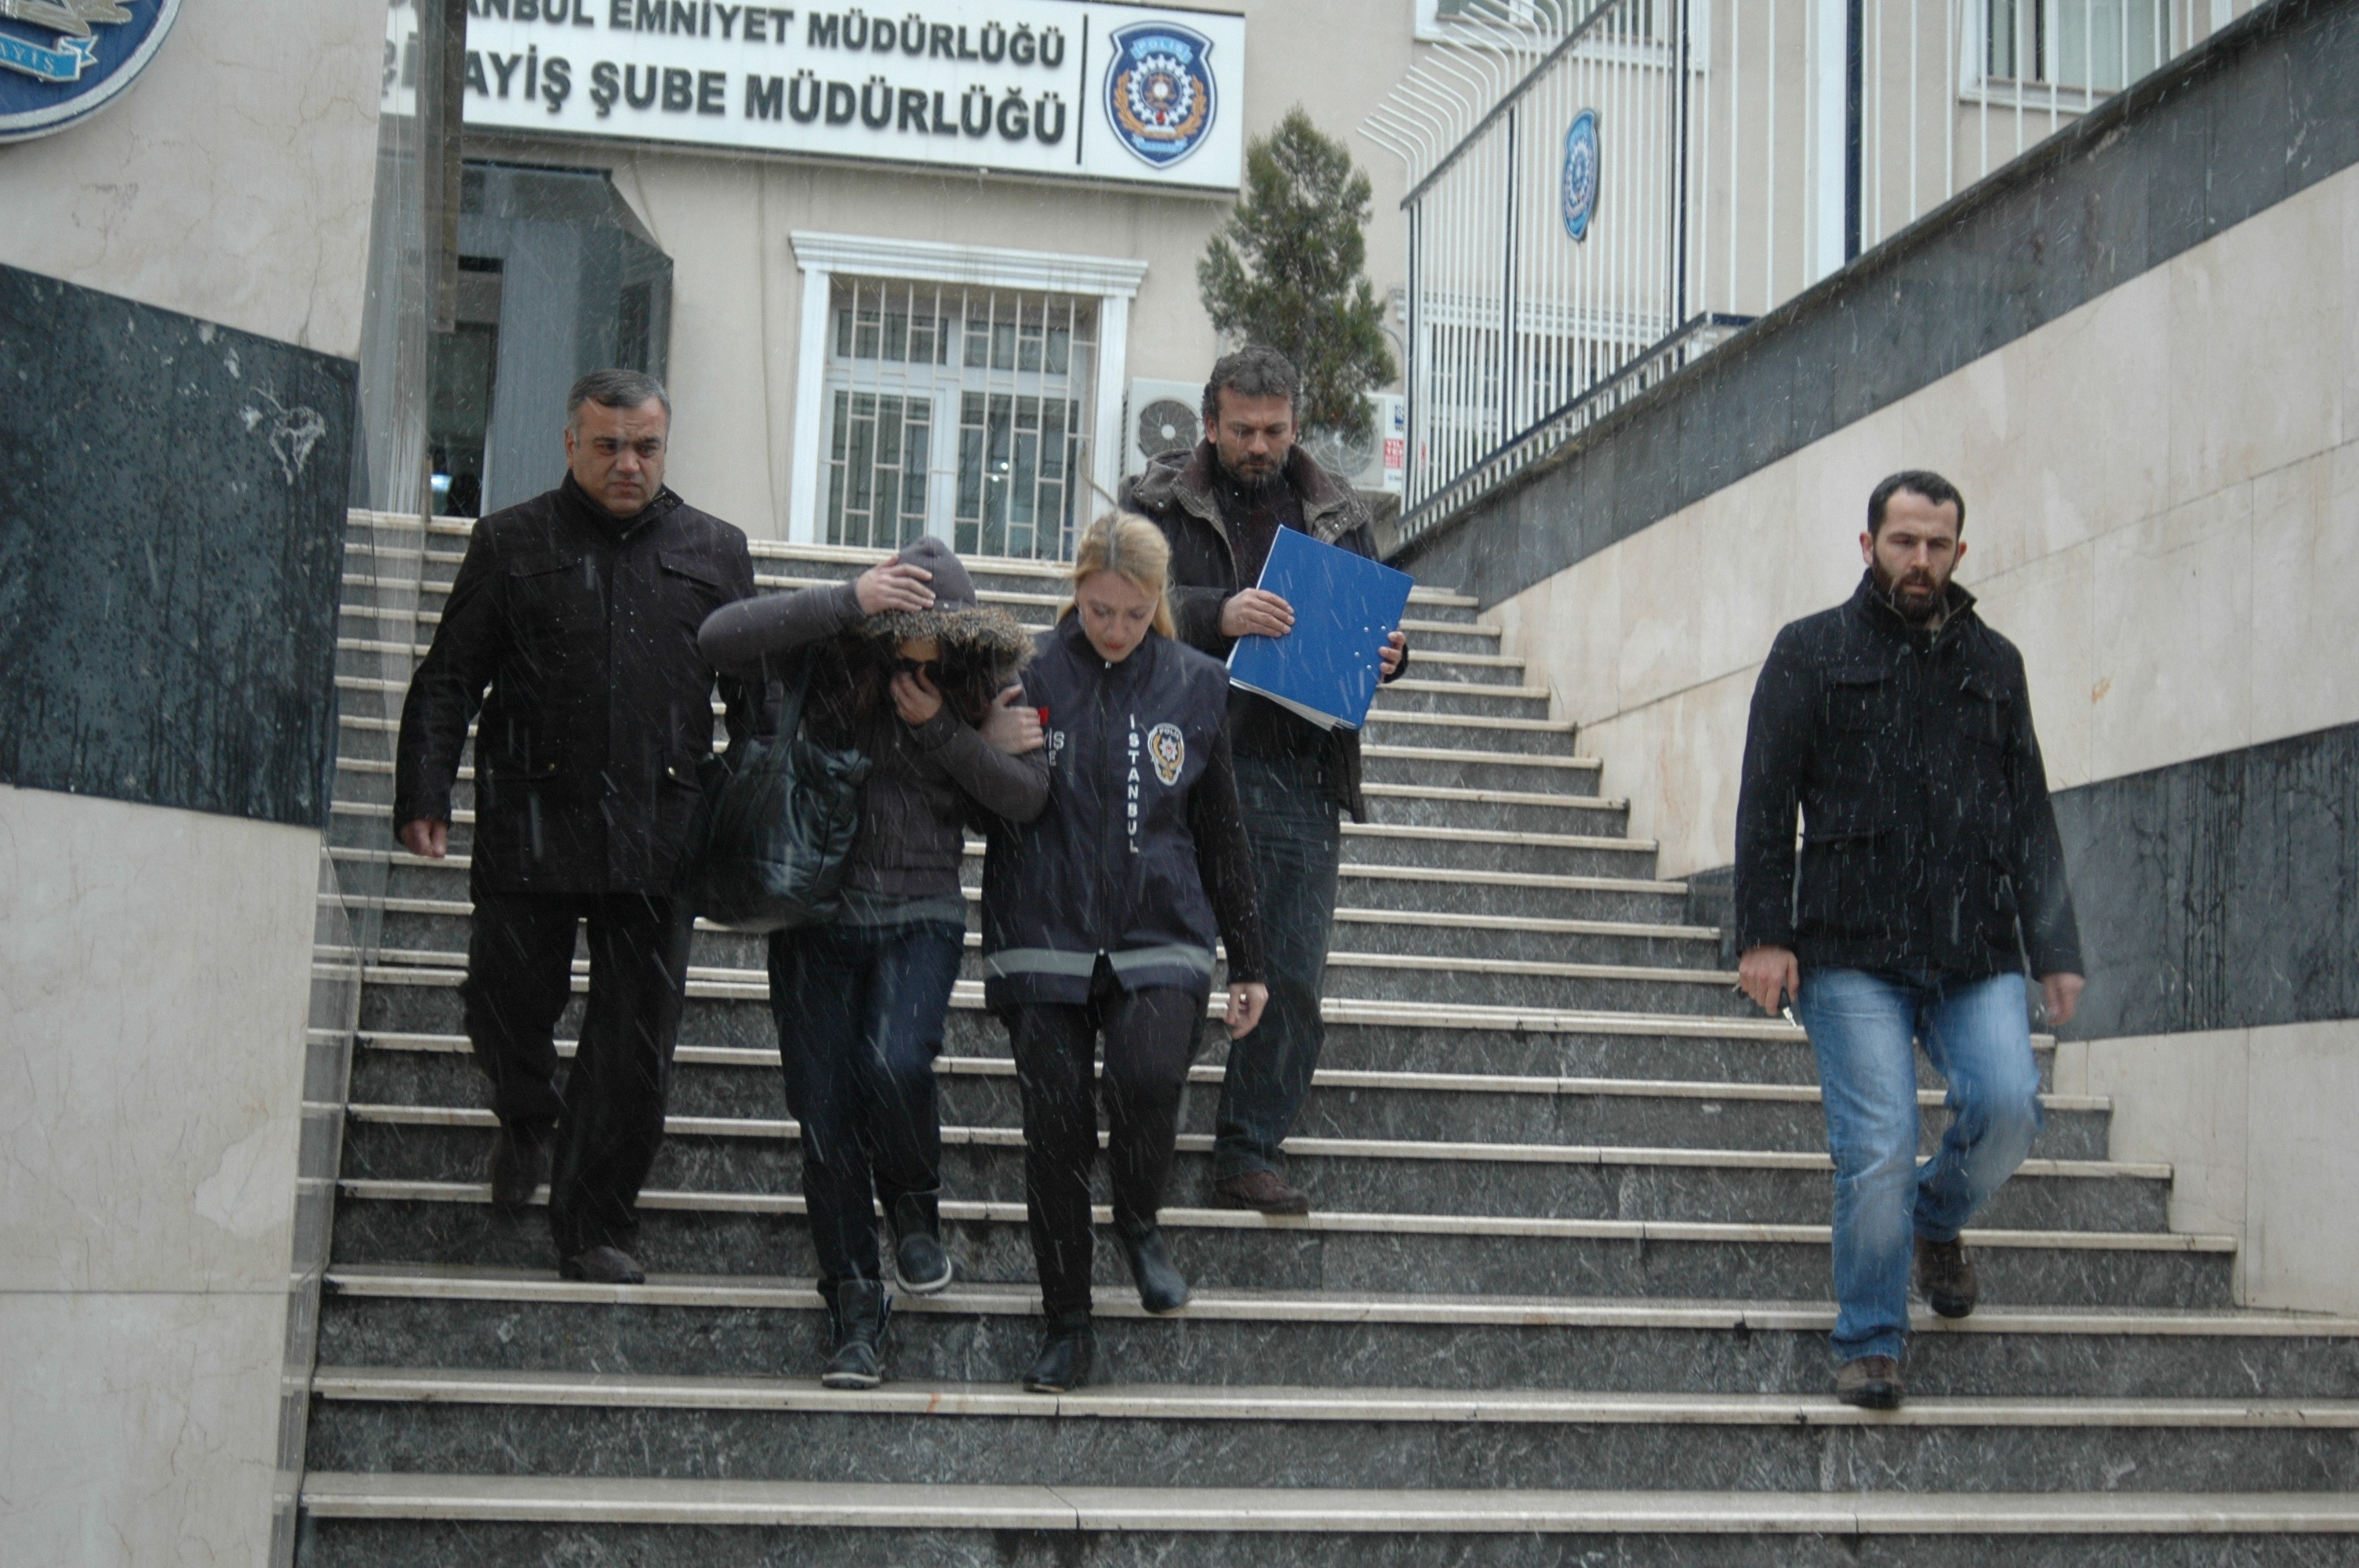 Arkadaşı Mayagüzeli Kerimova'yı öldürüp Parçalara ayırdı